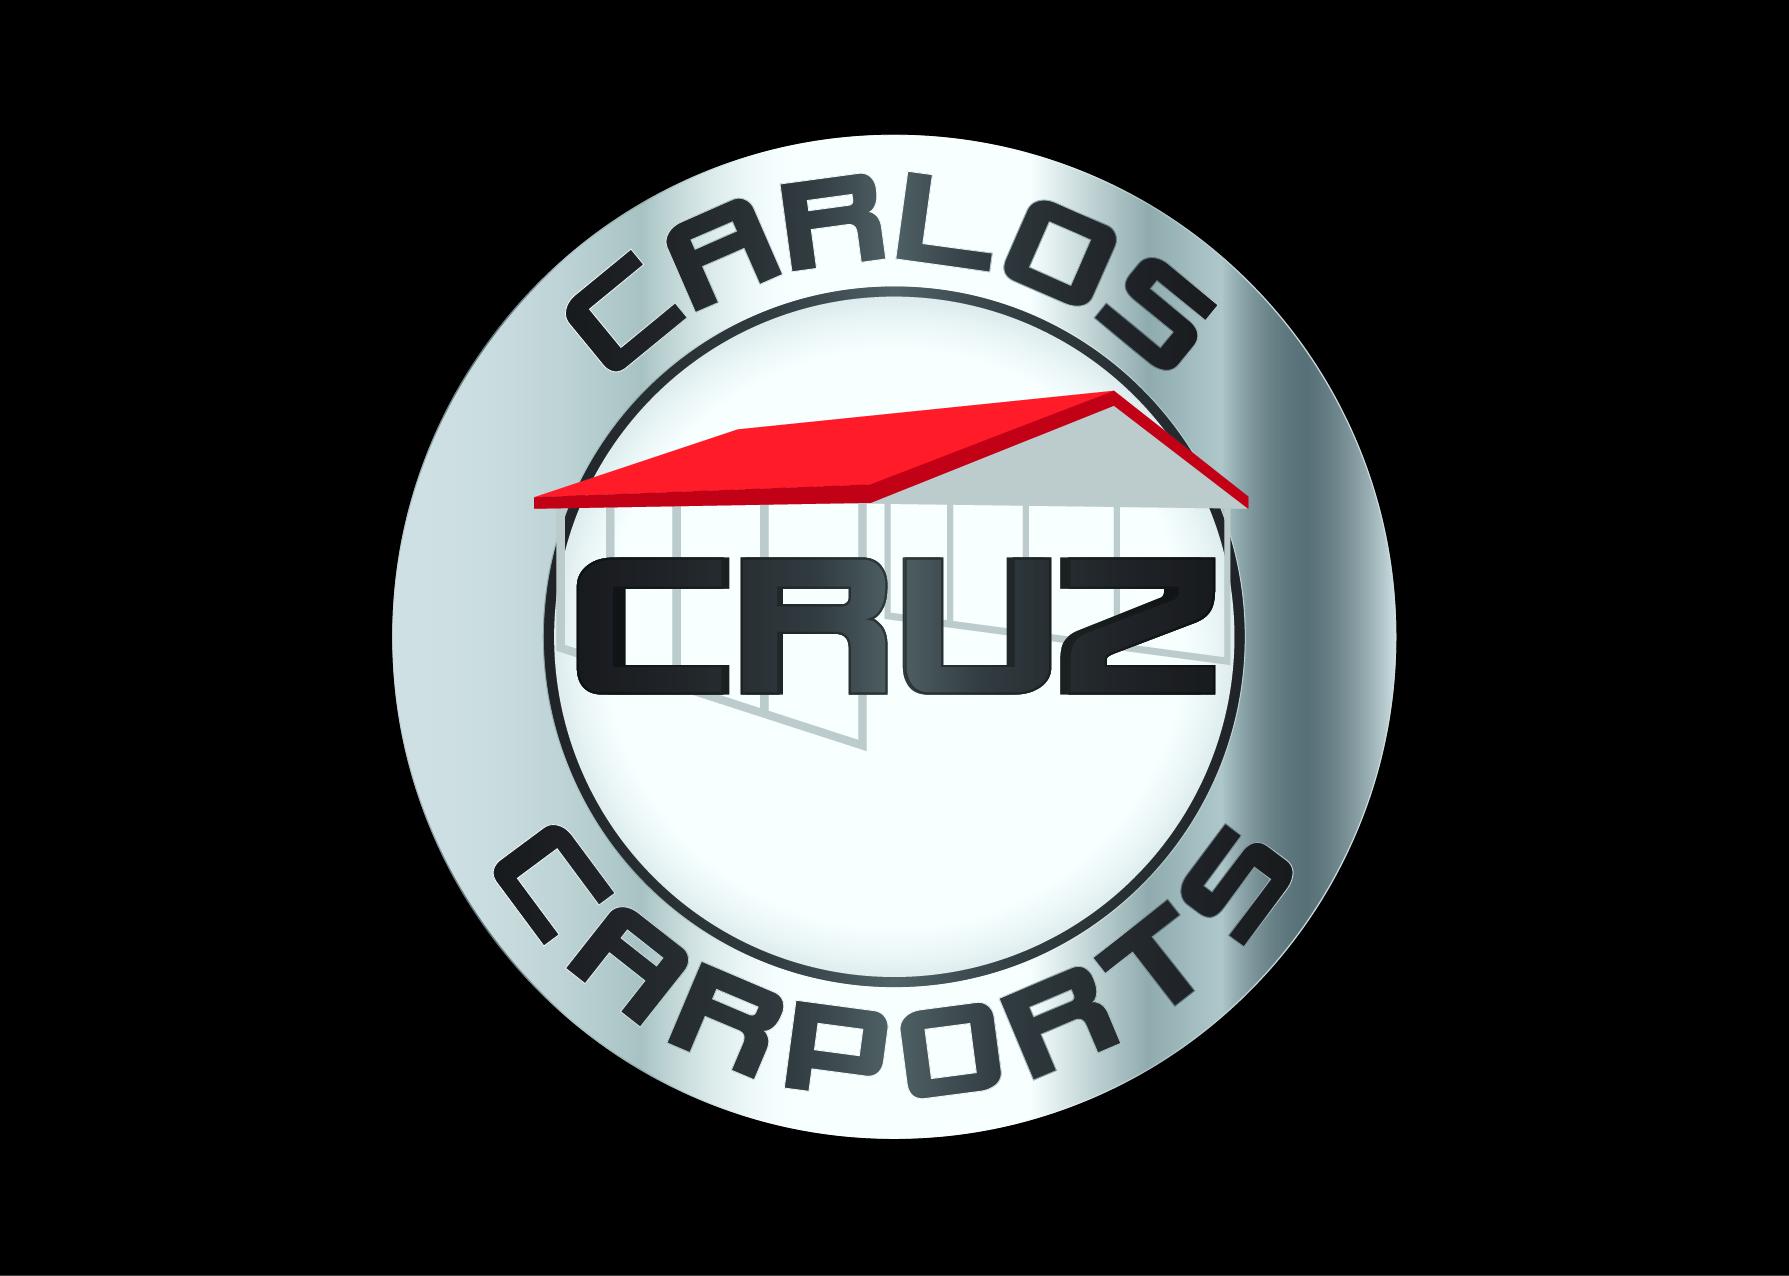 carloscruz_logo-01.jpg